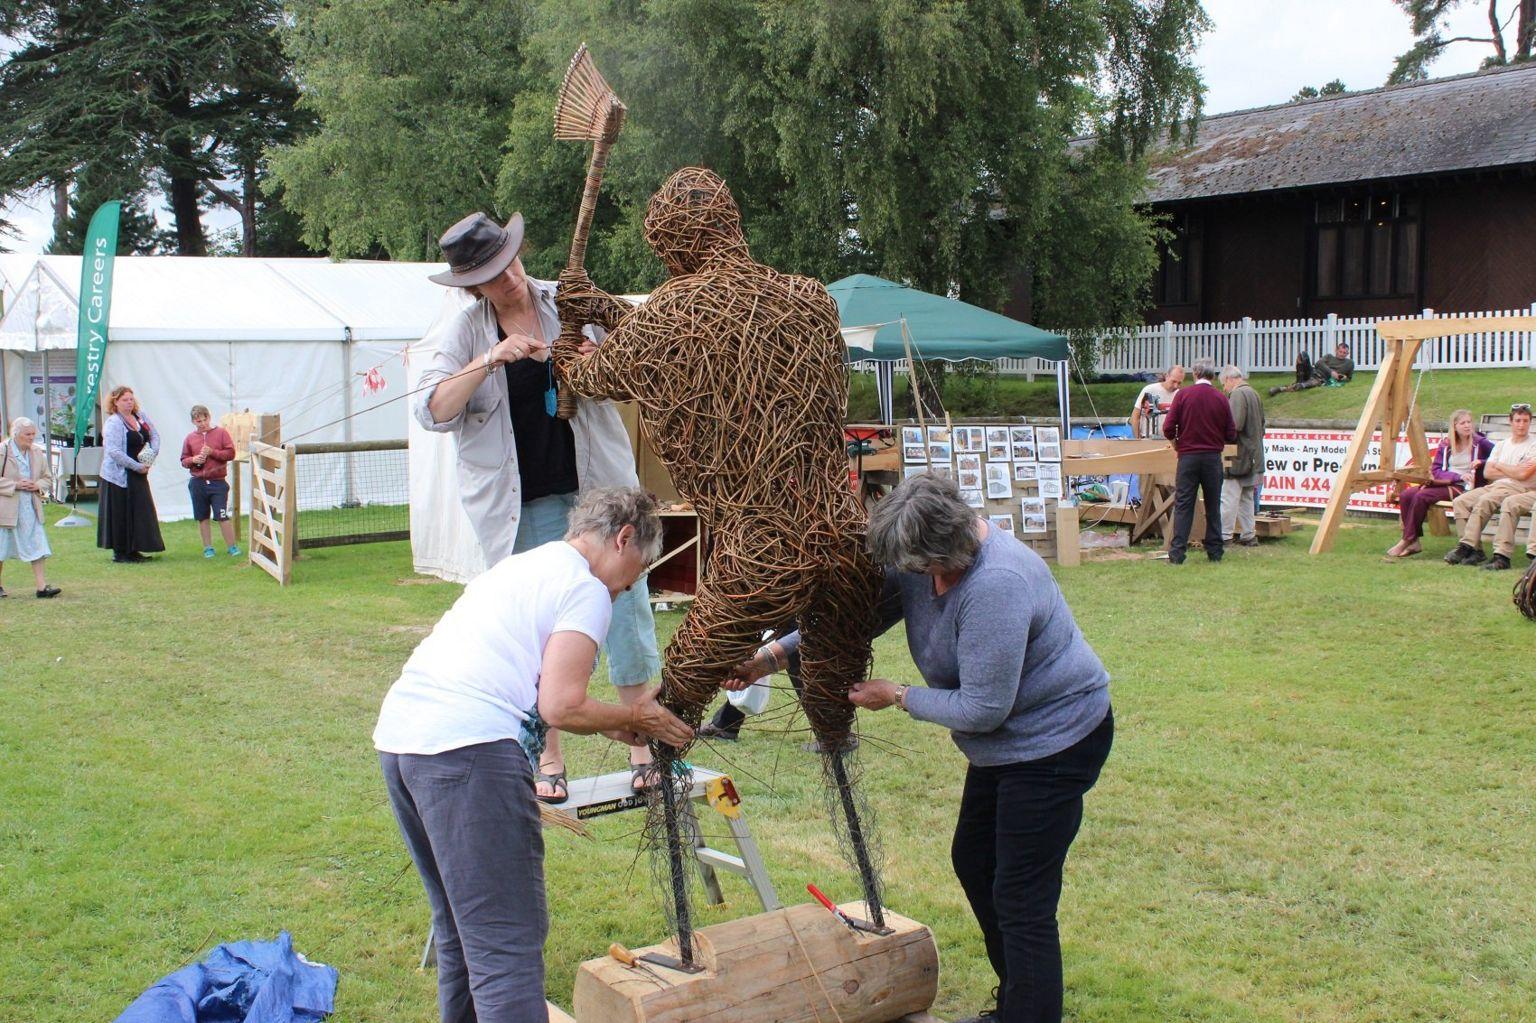 Mae o'n ffodus na fedr o symud ei freichiau! // This 'Wicker Man' is given a leg up by volunteers